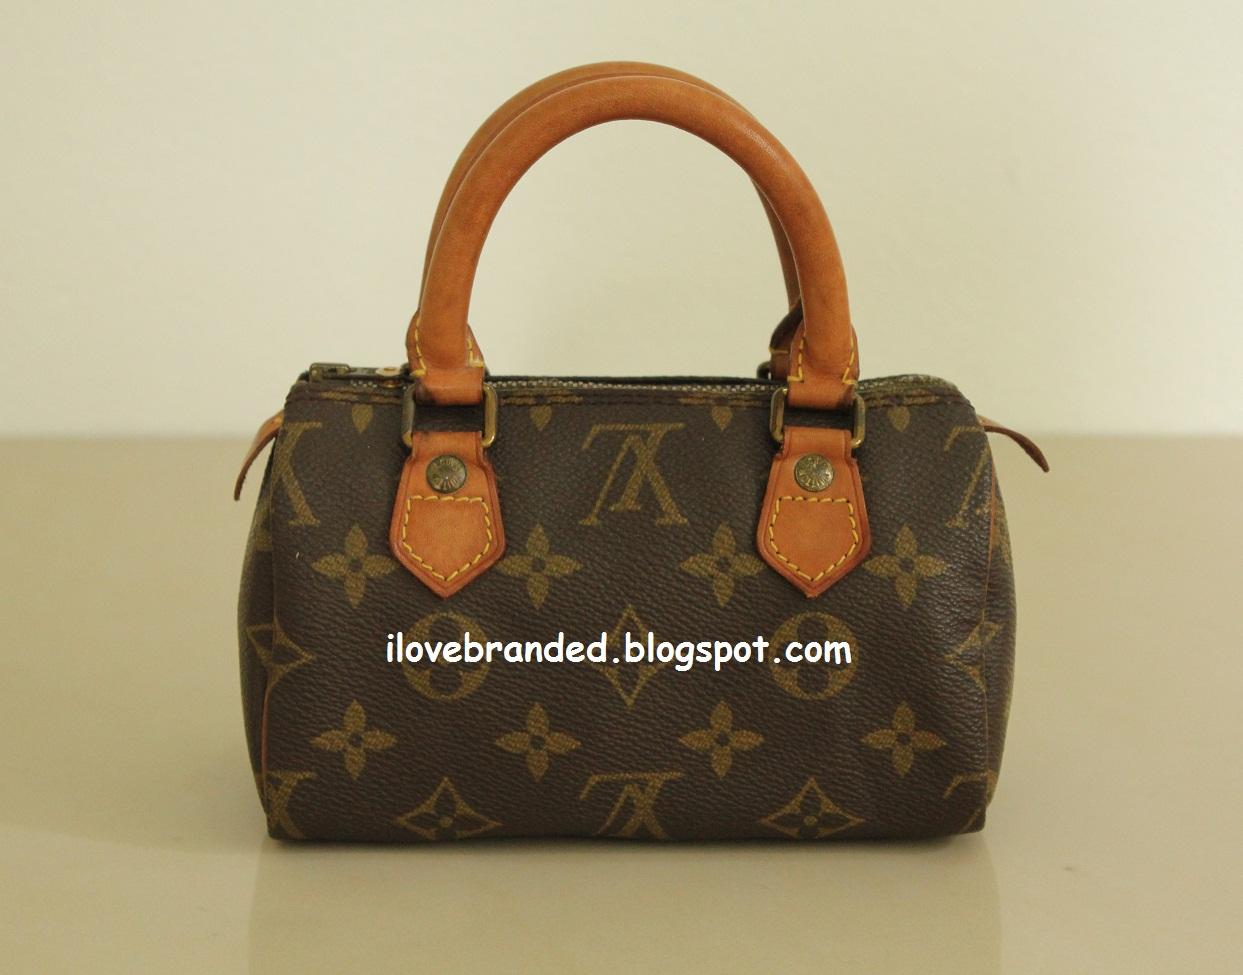 Louis Vuitton Speedy Price Malaysia The Art Of Mike Mignola